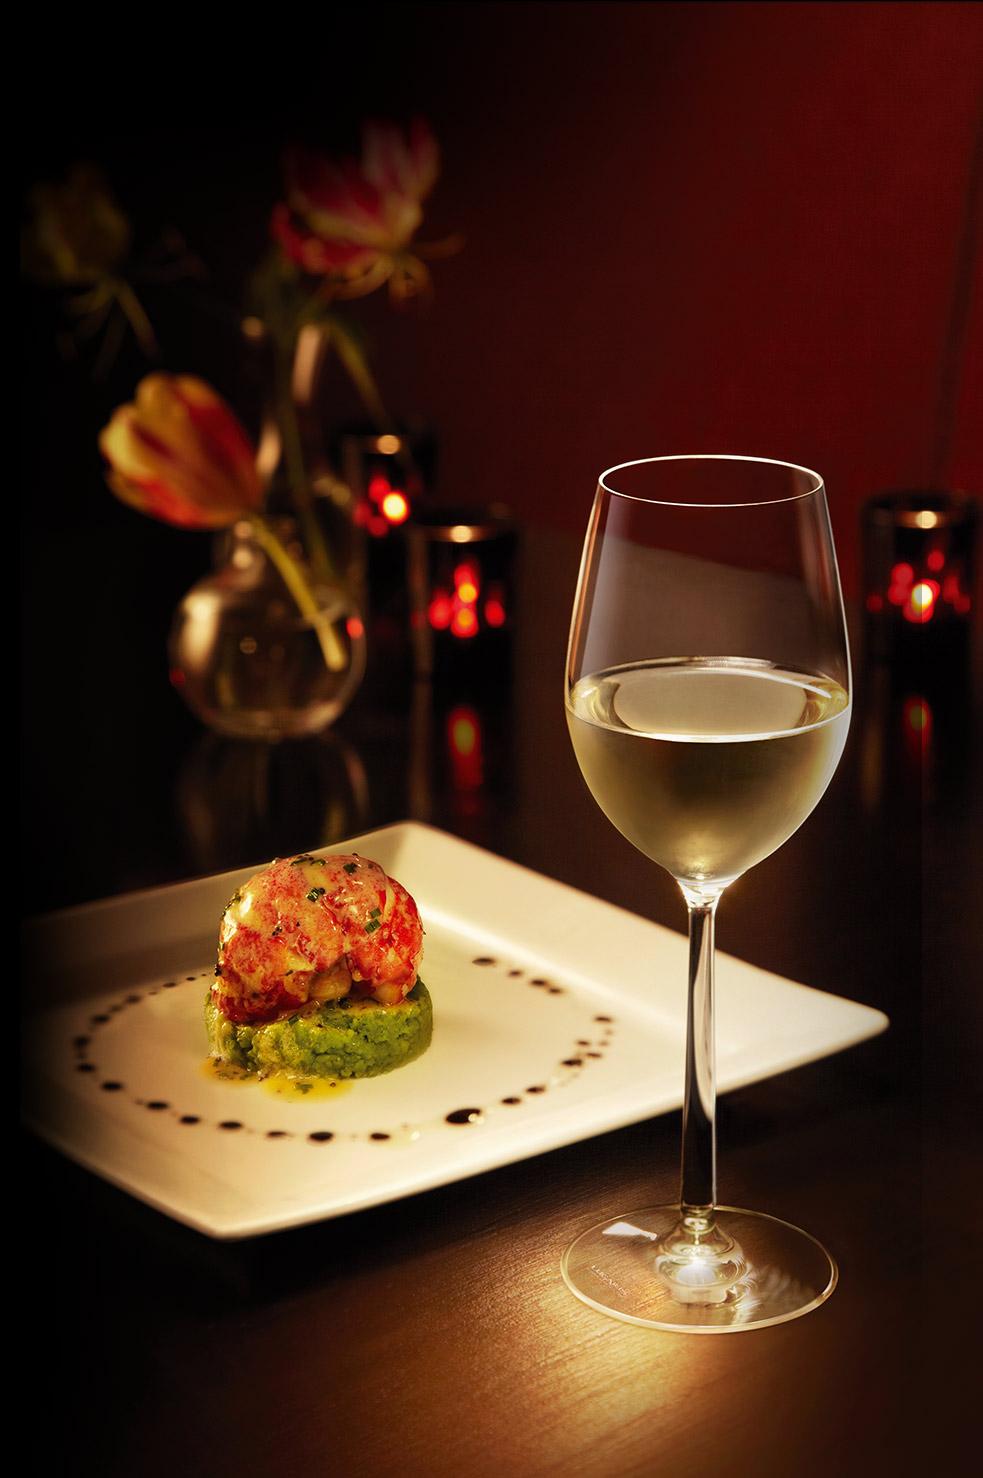 Evoke The Wining Senses In Modern Asian Cuisine